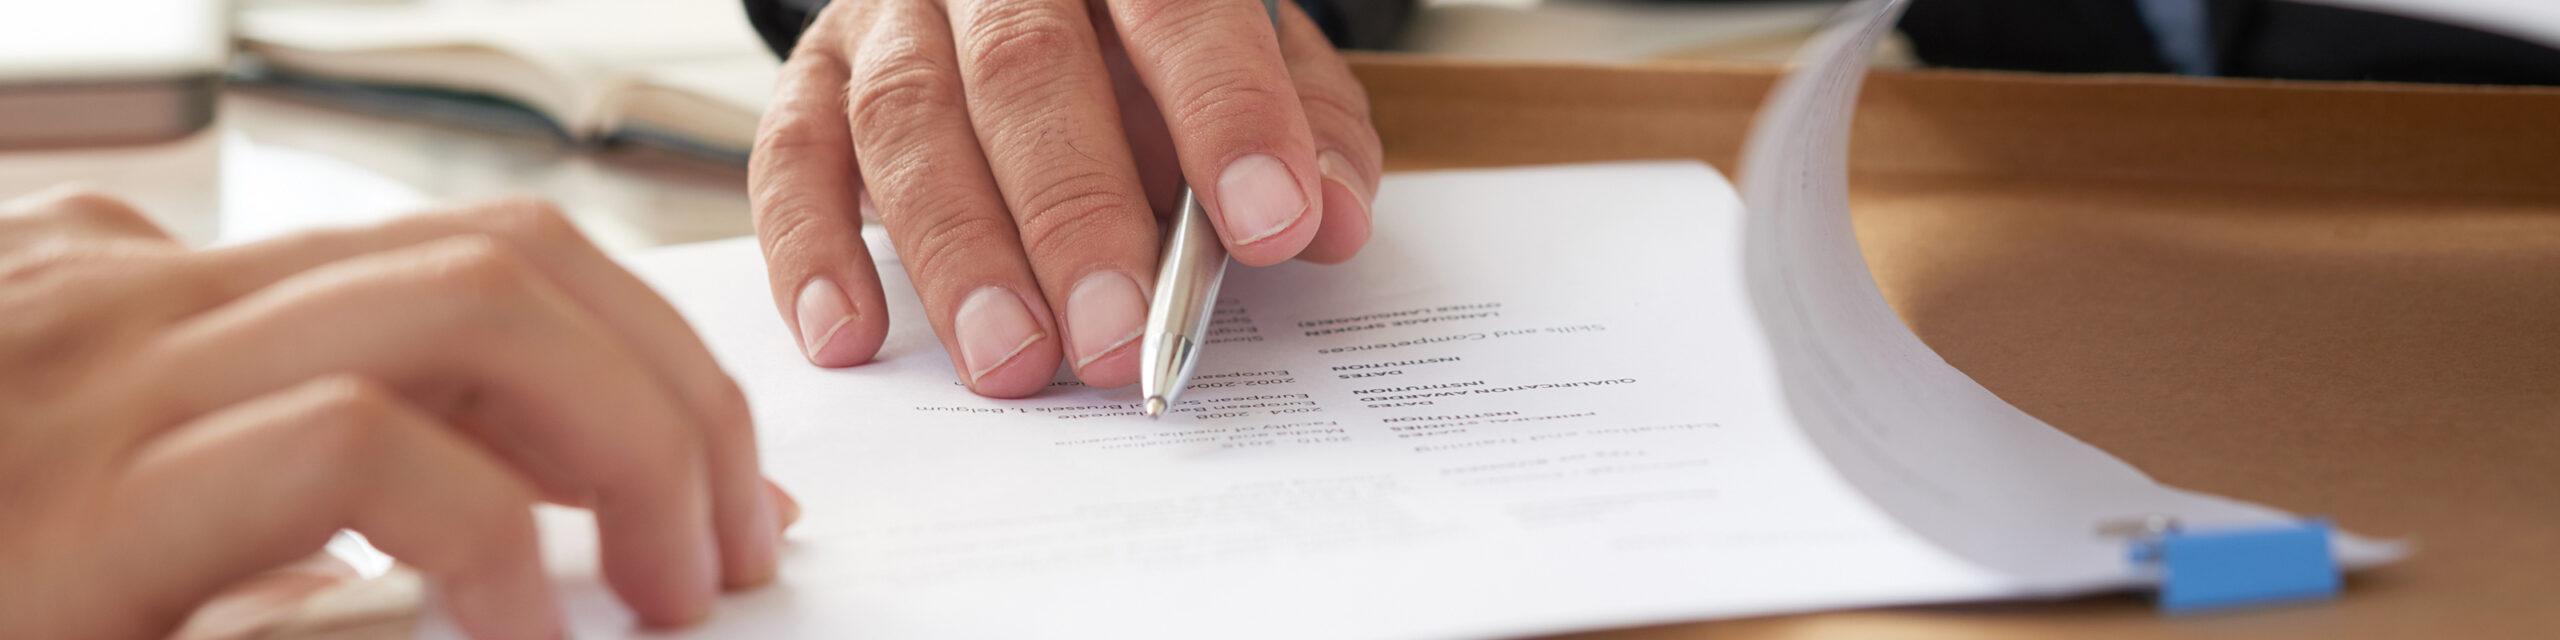 Pubblicato il rapporto quadrimestrale Anac sui Contratti Pubblici